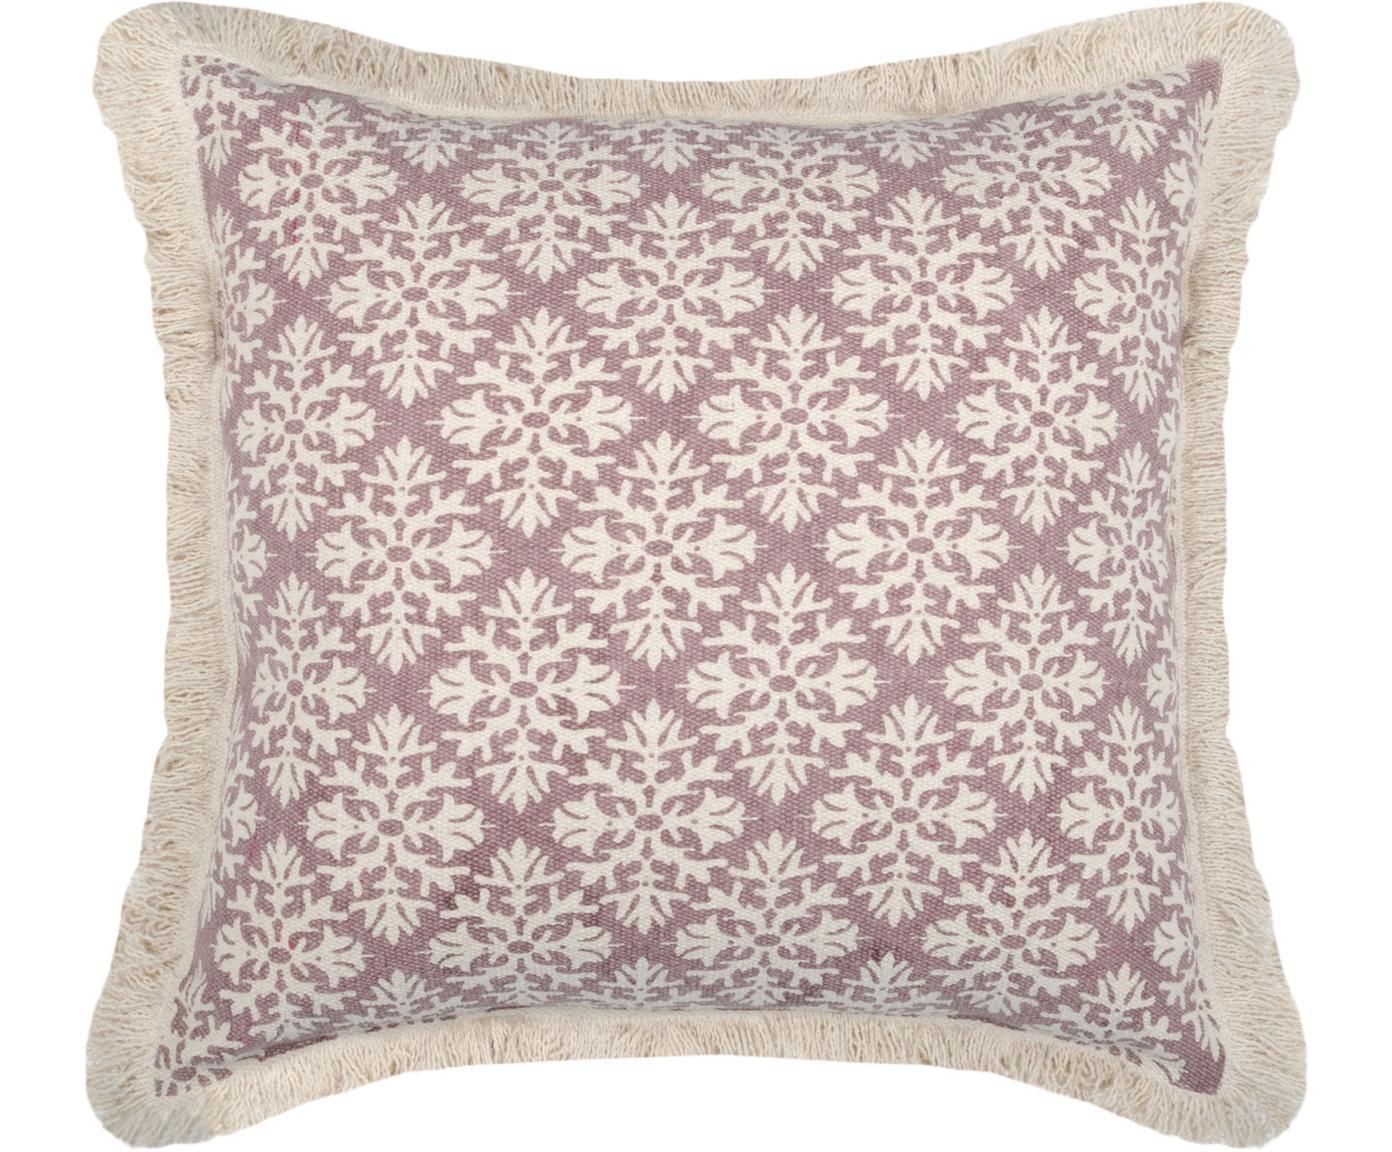 Cuscino fantasia con imbottitura Blush, Cotone, Viola, bianco spezzato, Larg. 40 x Lung. 40 cm